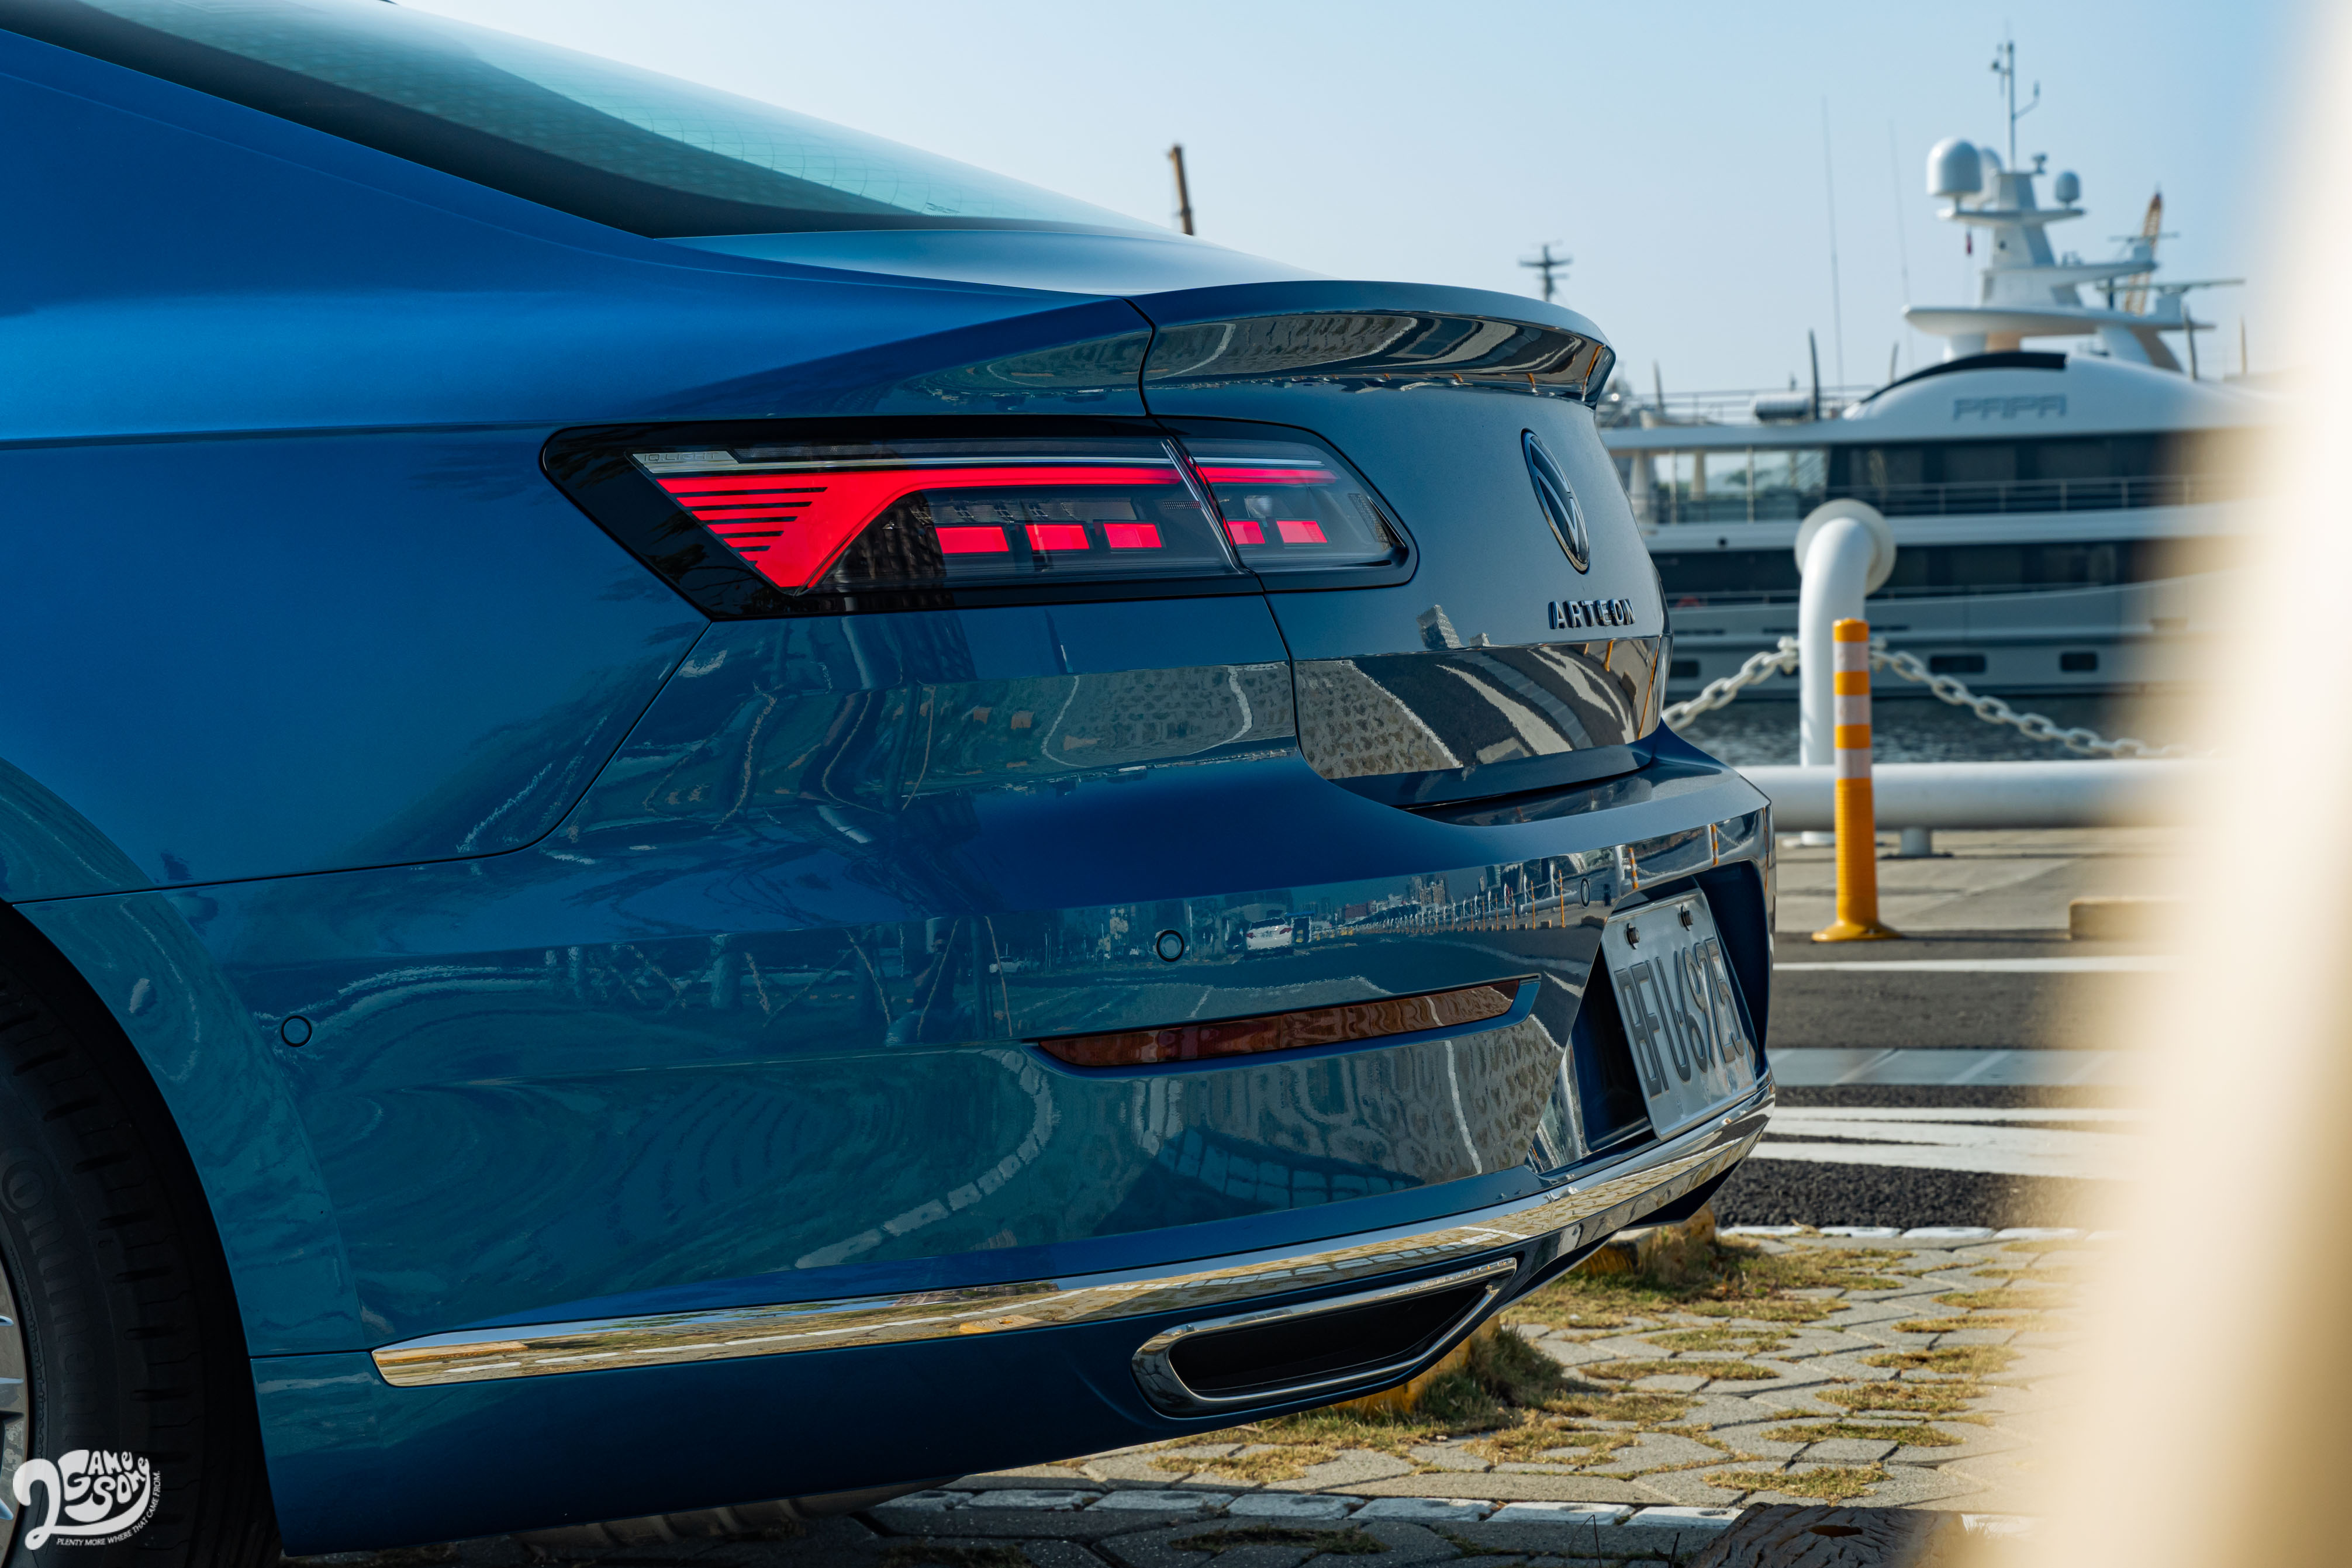 Fastback 車型擁有流暢低斜的車尾線條,搭配短翹臀線,展現性感魅力。